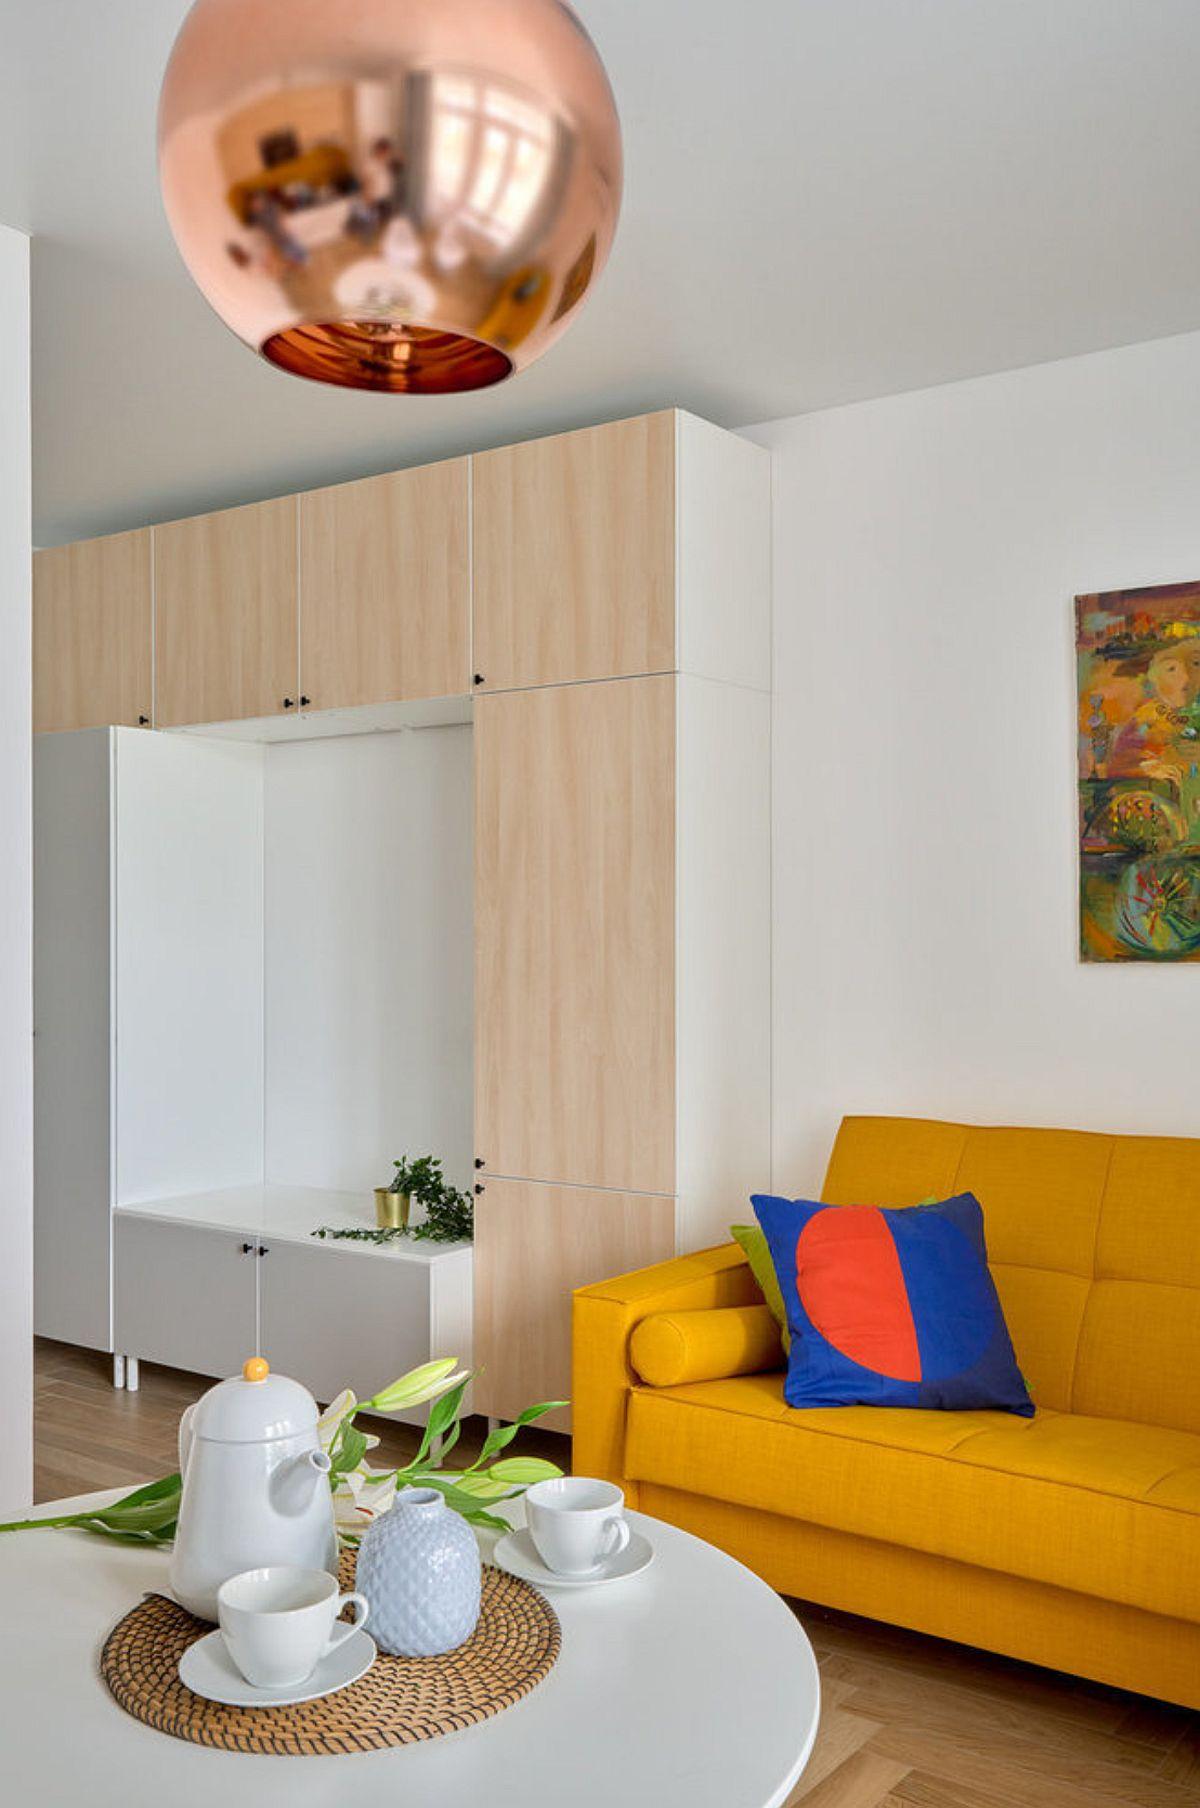 Practic, cea mai lungă latură a garsonierei a fost gândită pentru piesele de mobilier care au la rândul lor o lungime mare: ansamblul de dulapuri și canapeaua.